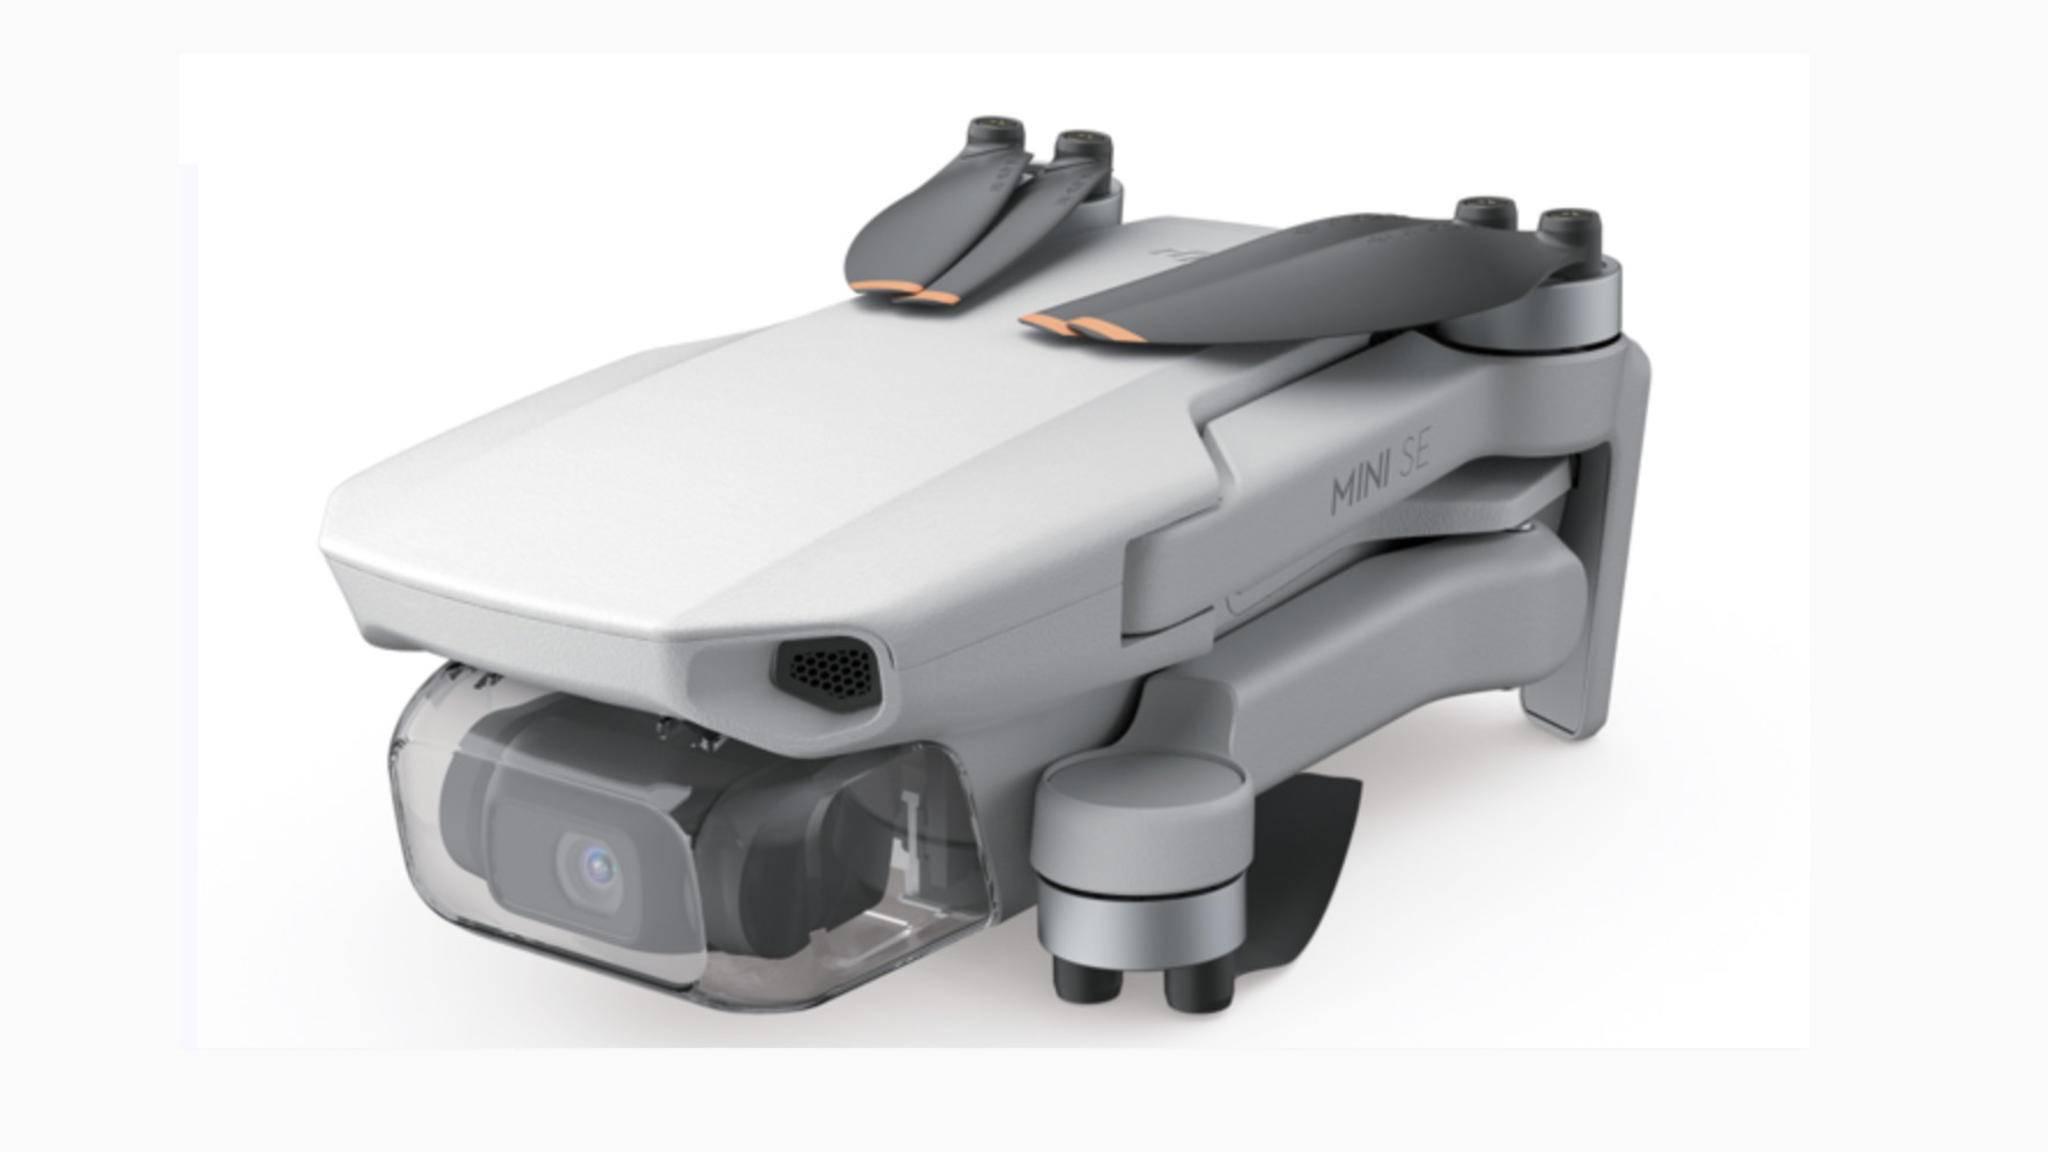 Die neue DJI Mini SE soll sich technisch im Grunde kaum von der DJI Mavic Mini unterscheiden.